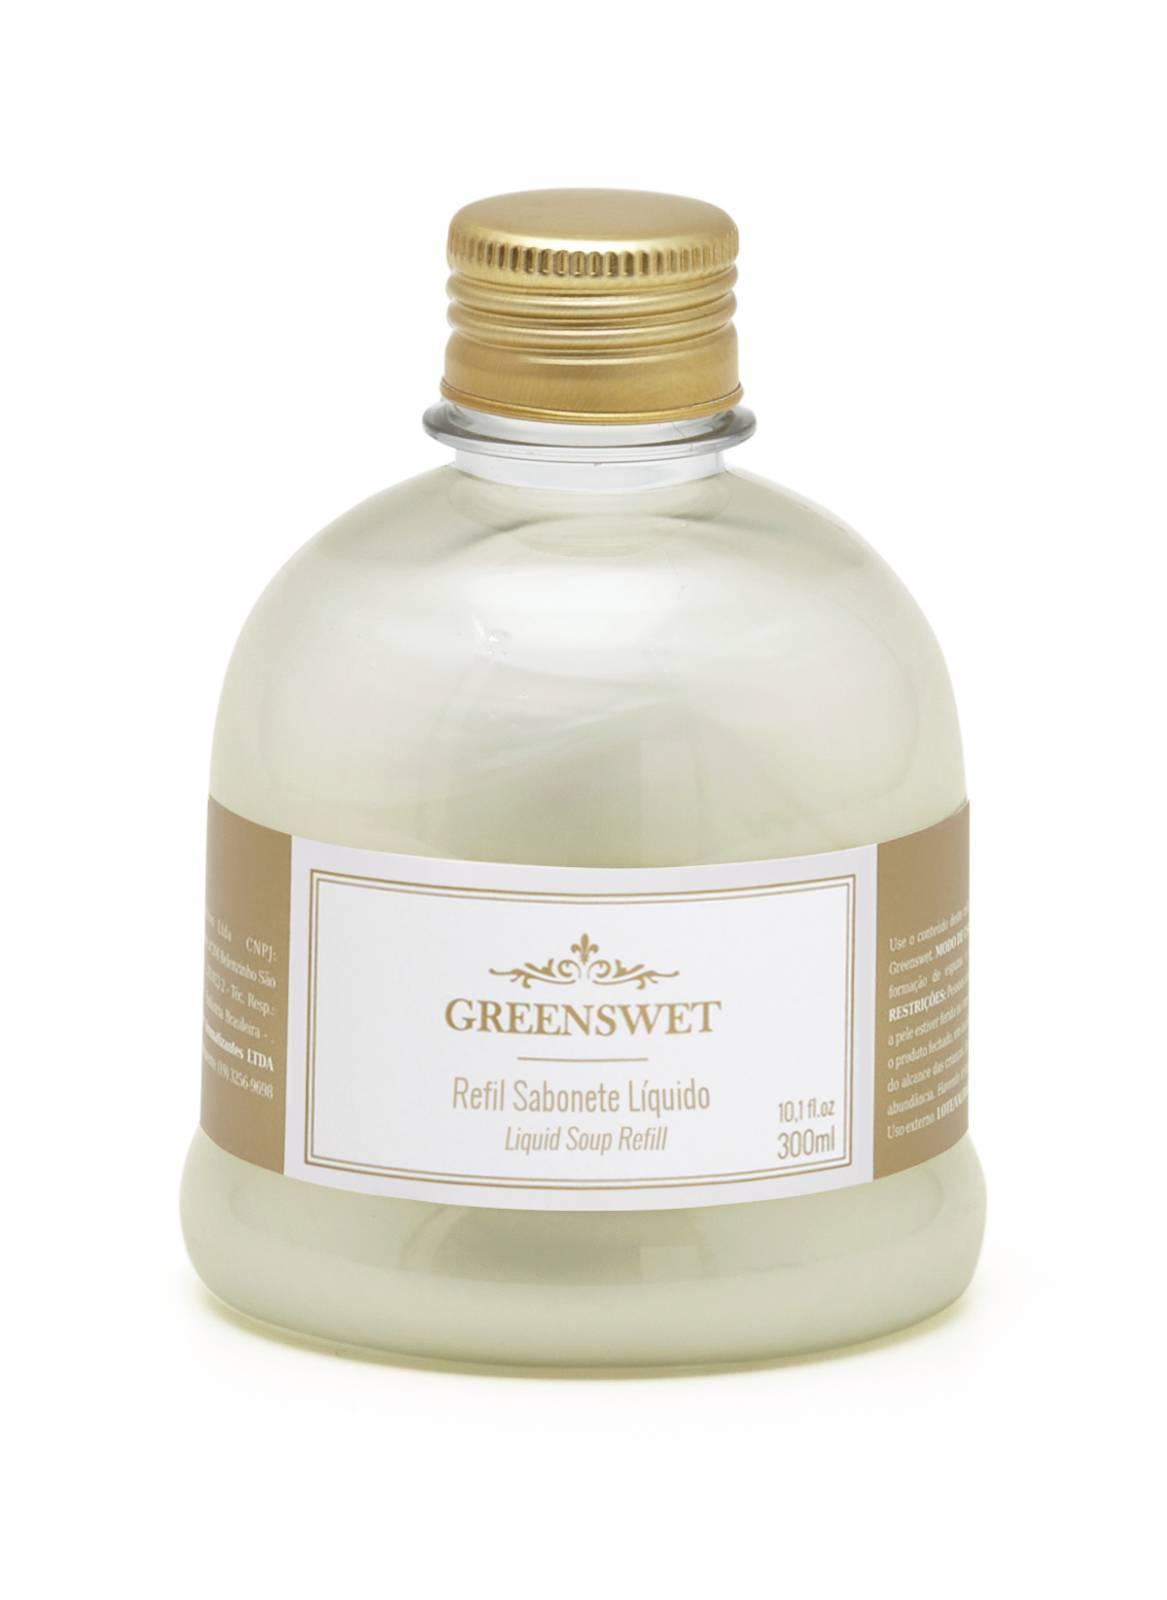 Refil Sabonete Liquido 300 ml Essência Bambu - Greenswet Aromatizantes